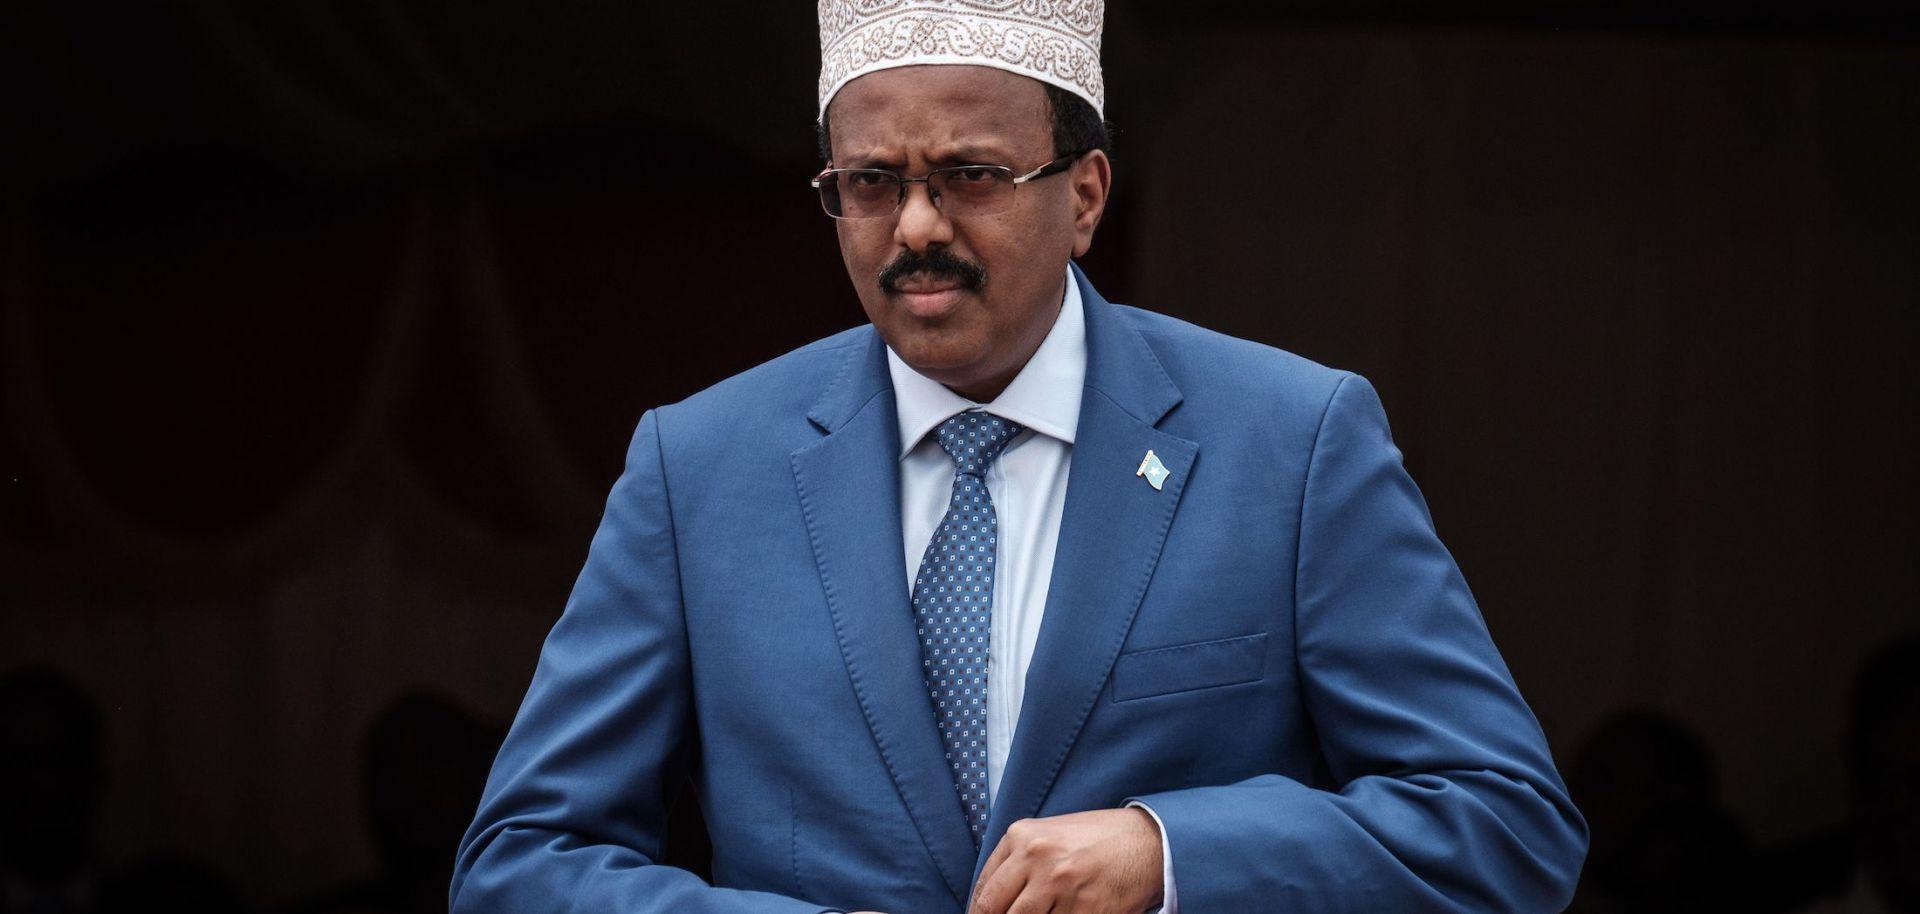 Somalian President Mohamed Abdullahi Mohamed on July 5, 2018, in Djibouti.